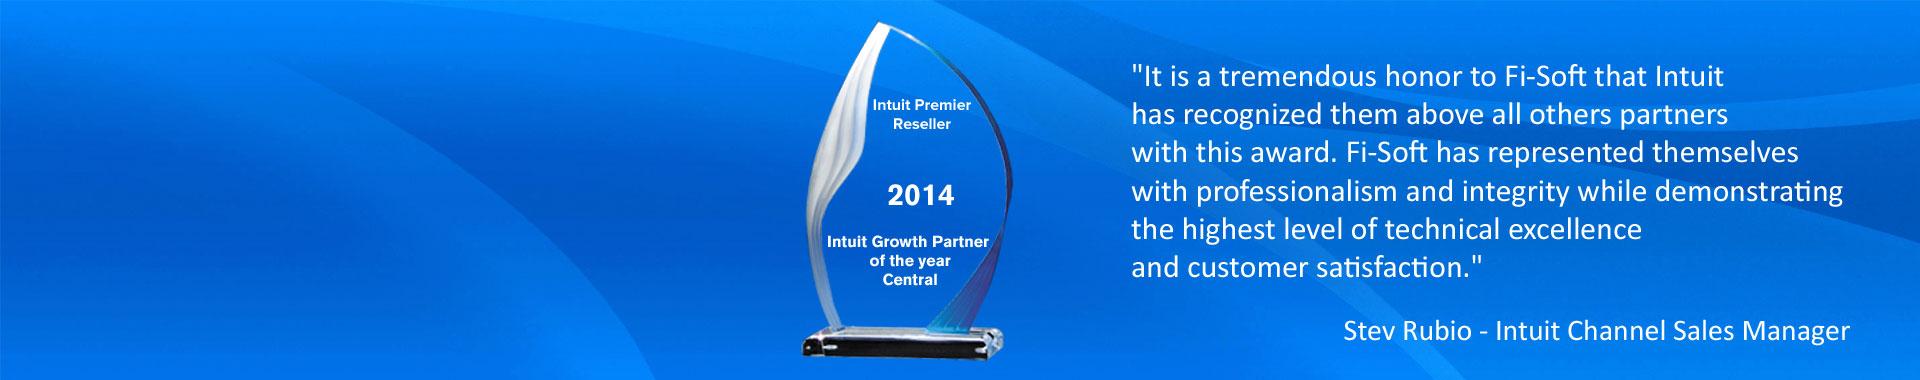 Fi-Soft receives top Intuit award